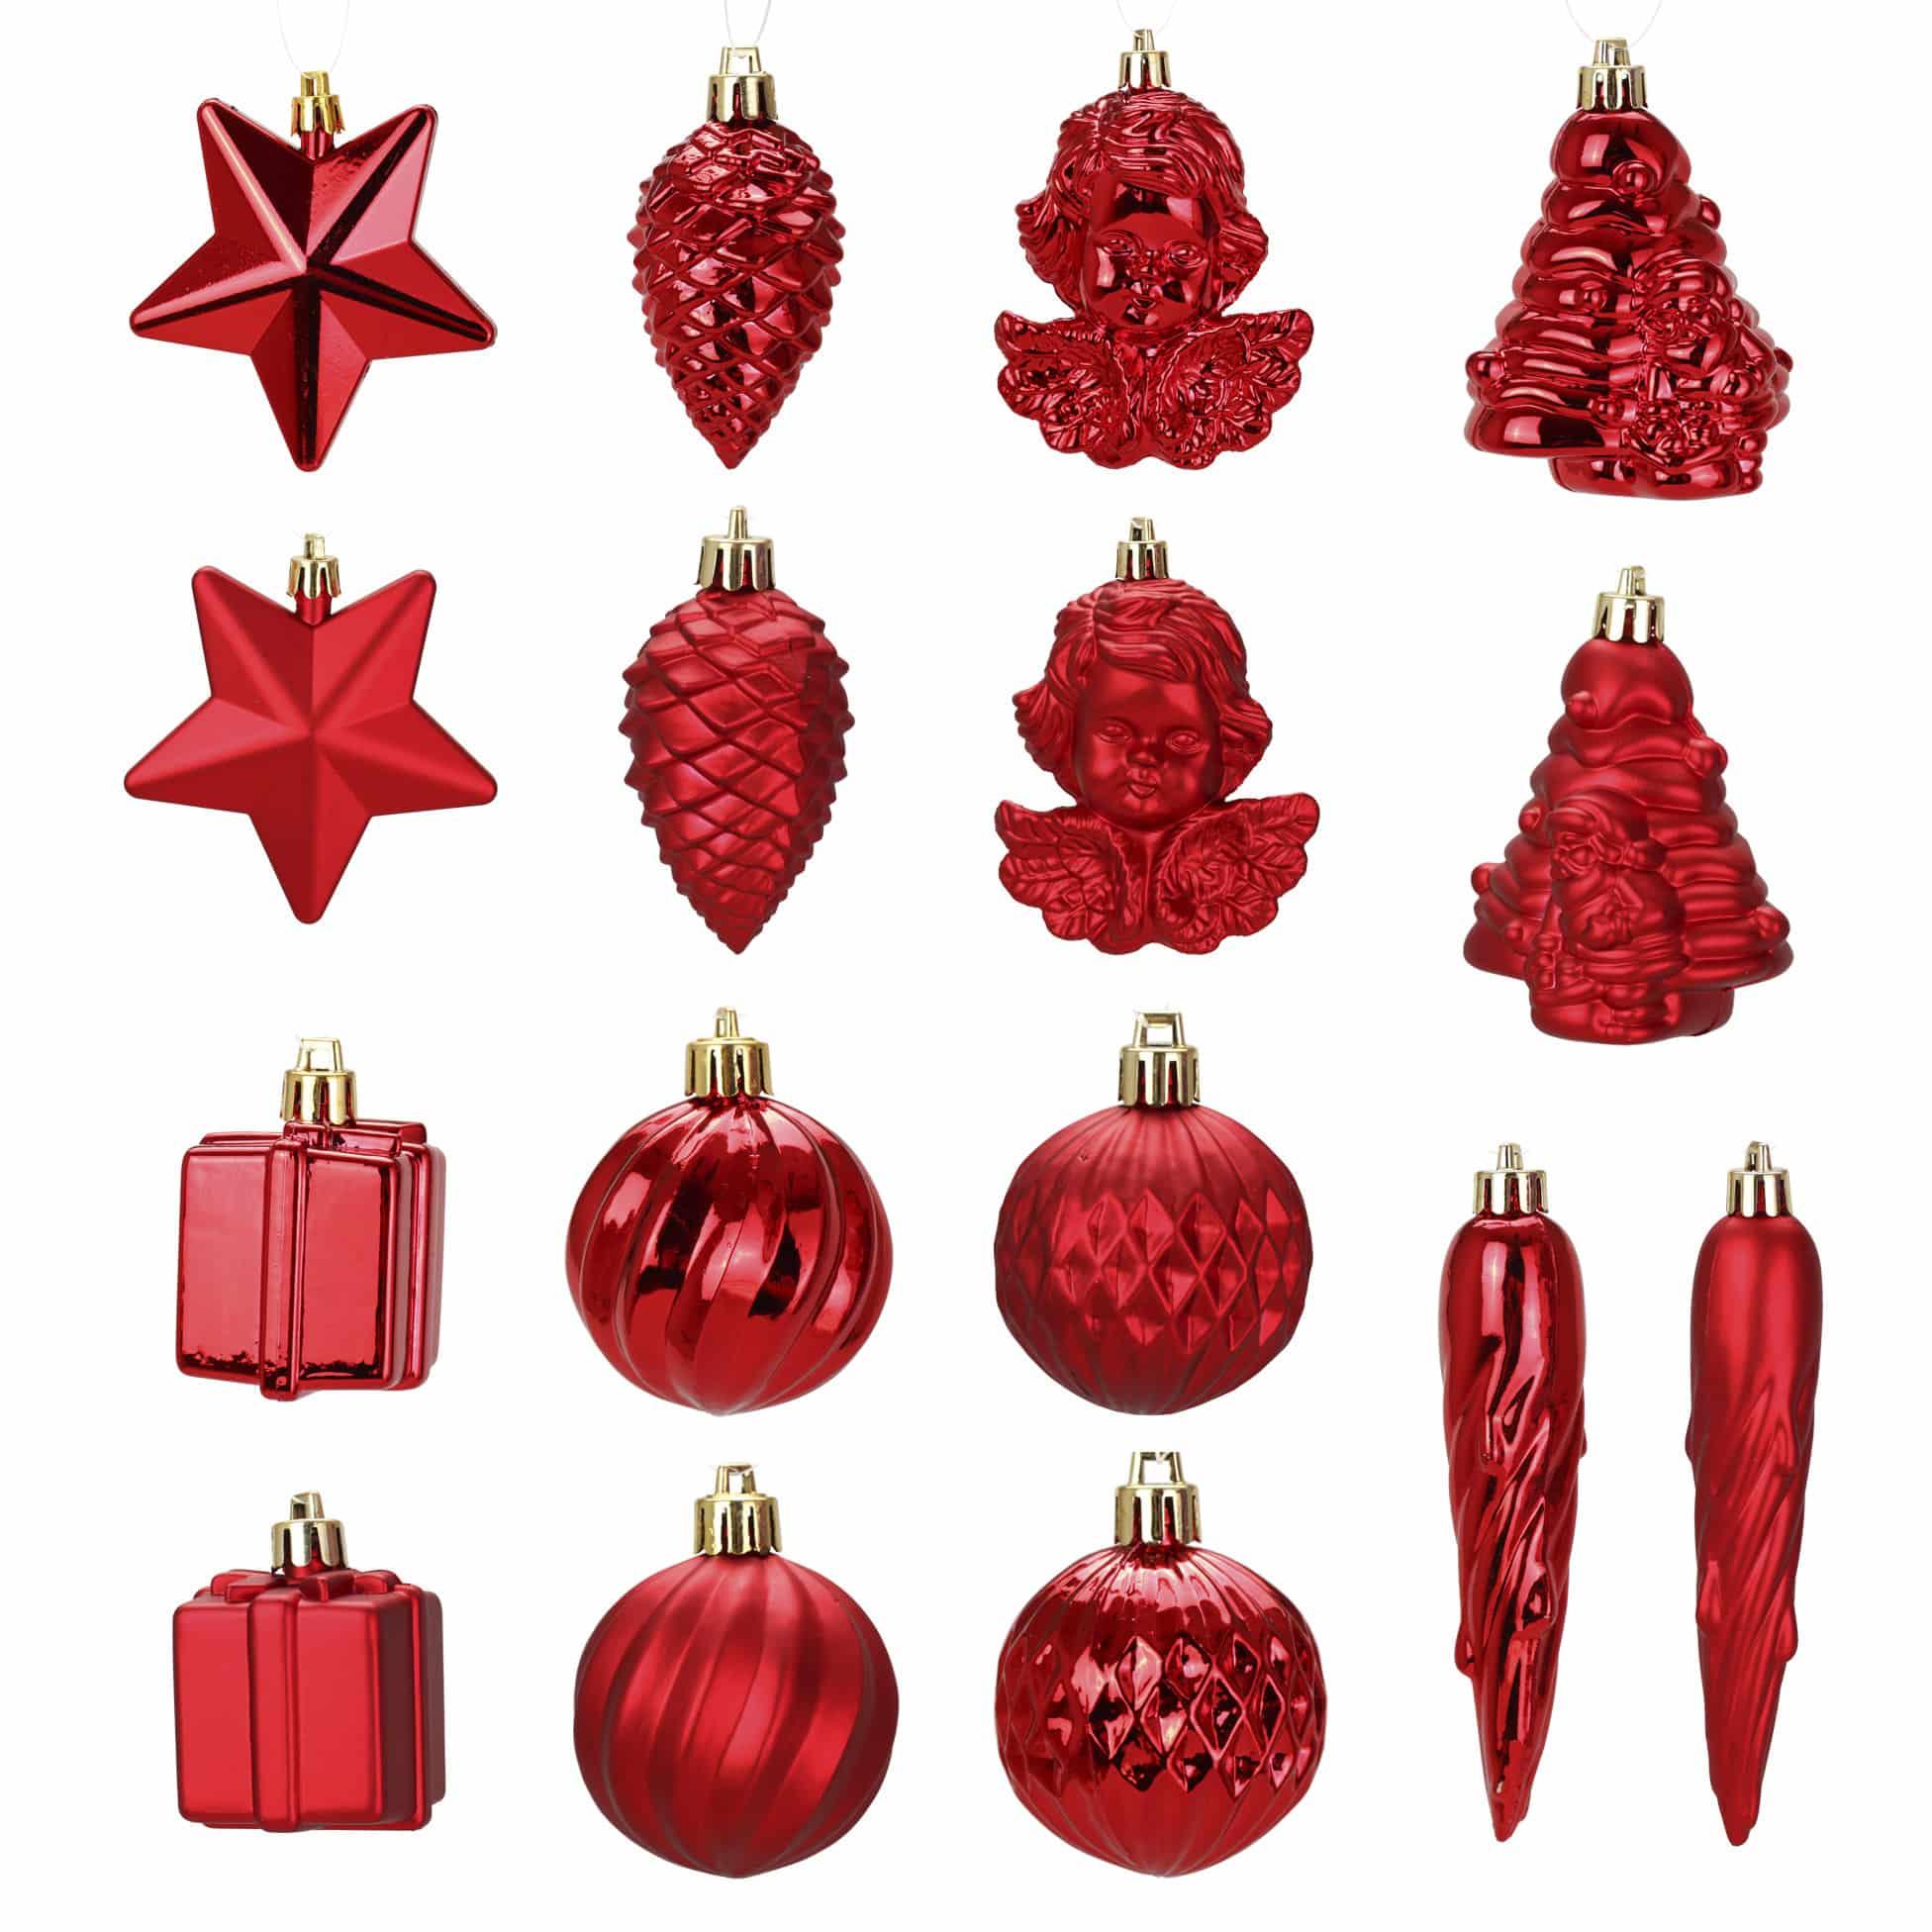 4Goodz 16-delige decoratieve kerstballenset - binnen- en buiten - Rood